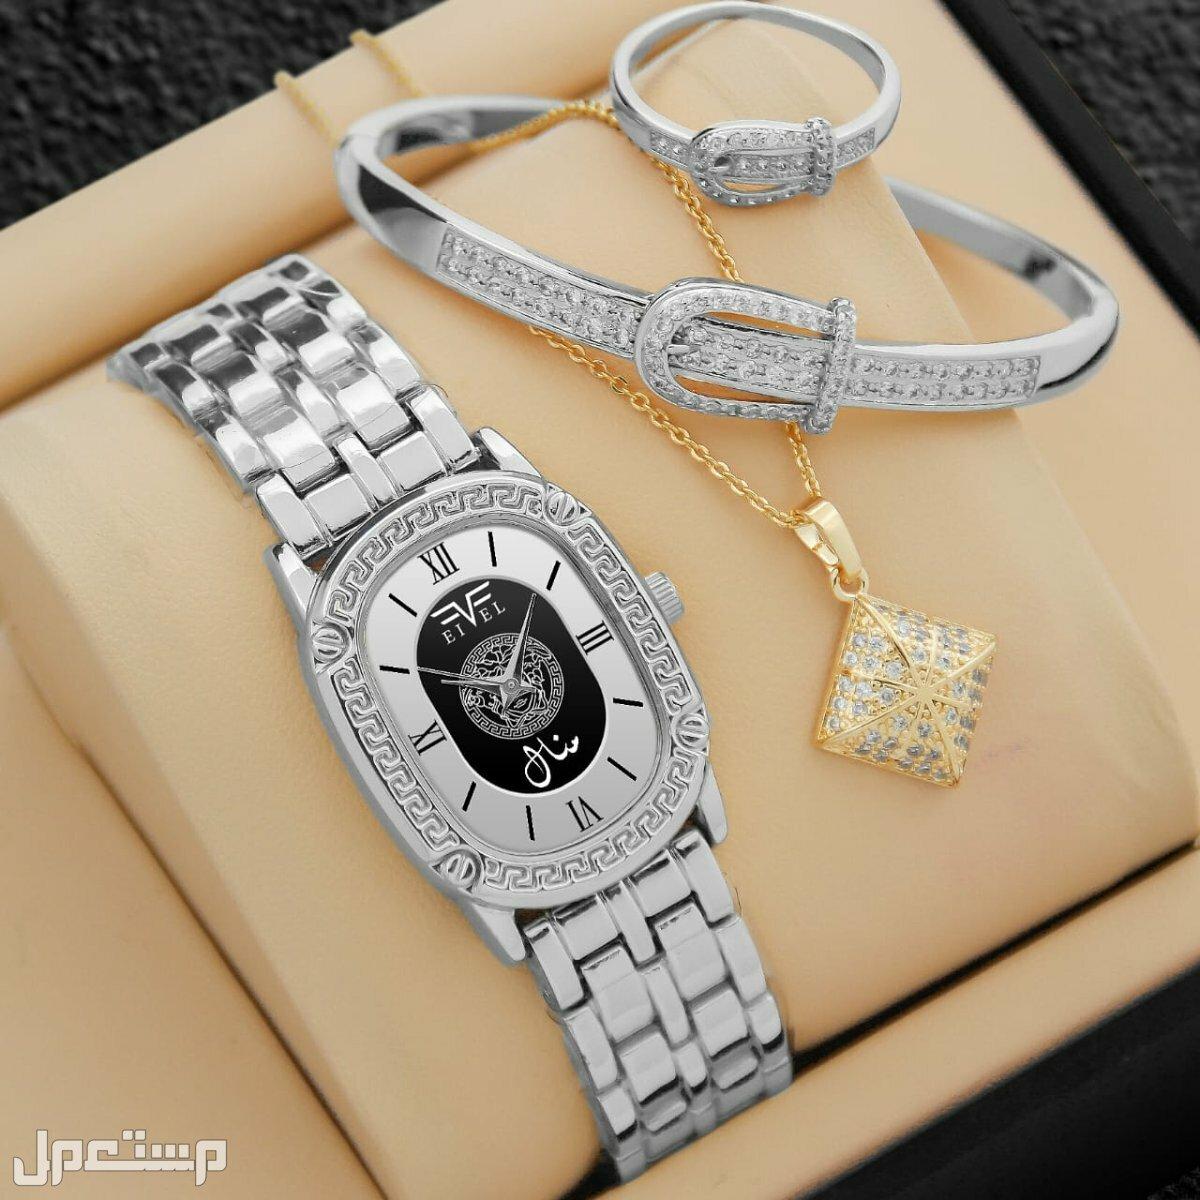 ساعة نسائية شكل فرزاتشي مع تصميم الاسم حسب الطلب